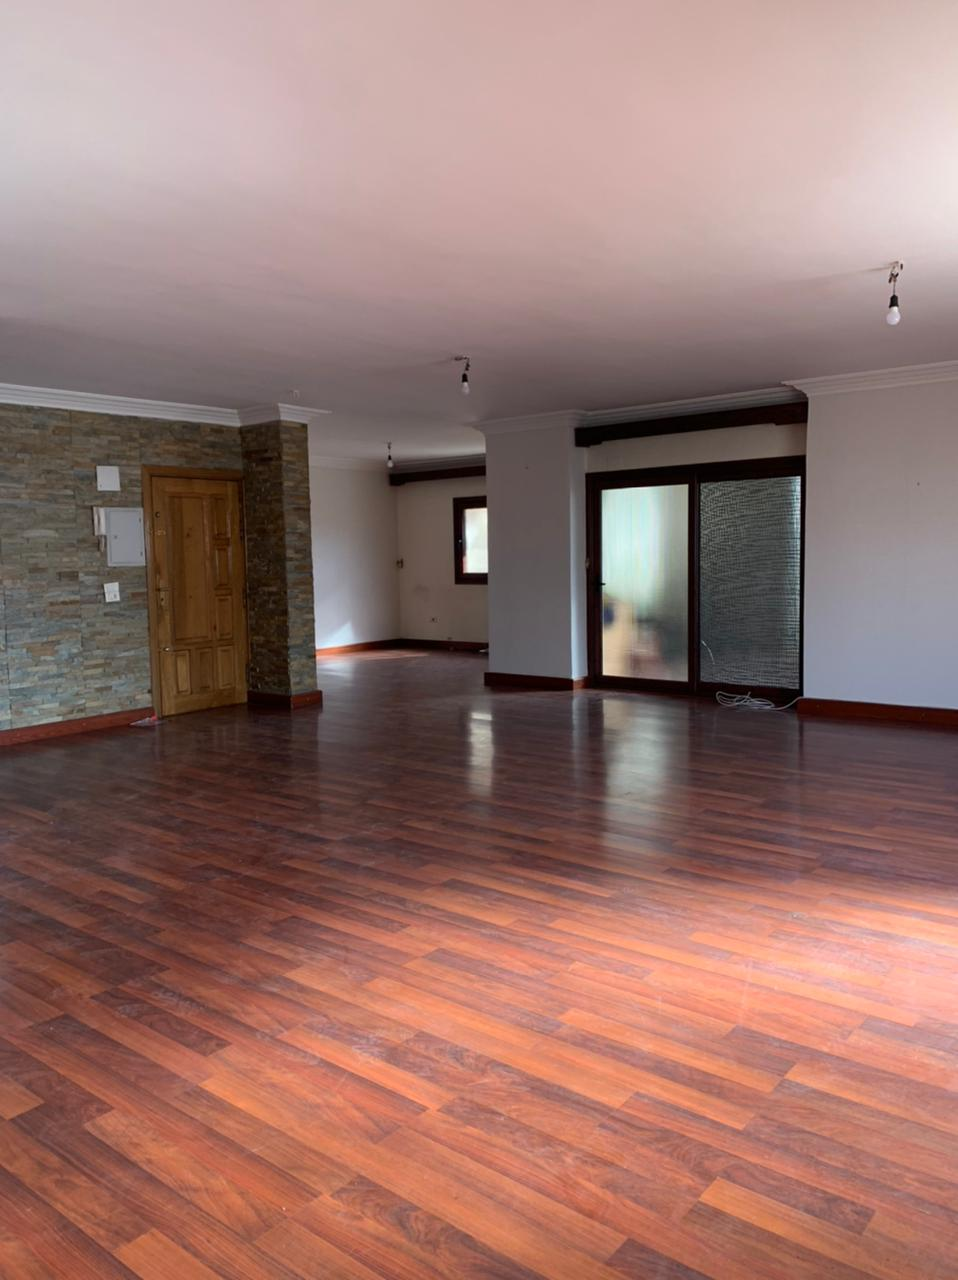 من المالك مباشرة للبيع شقة مميزة مدينة نصر الحى السابع بجوار شركة انبى للبترول